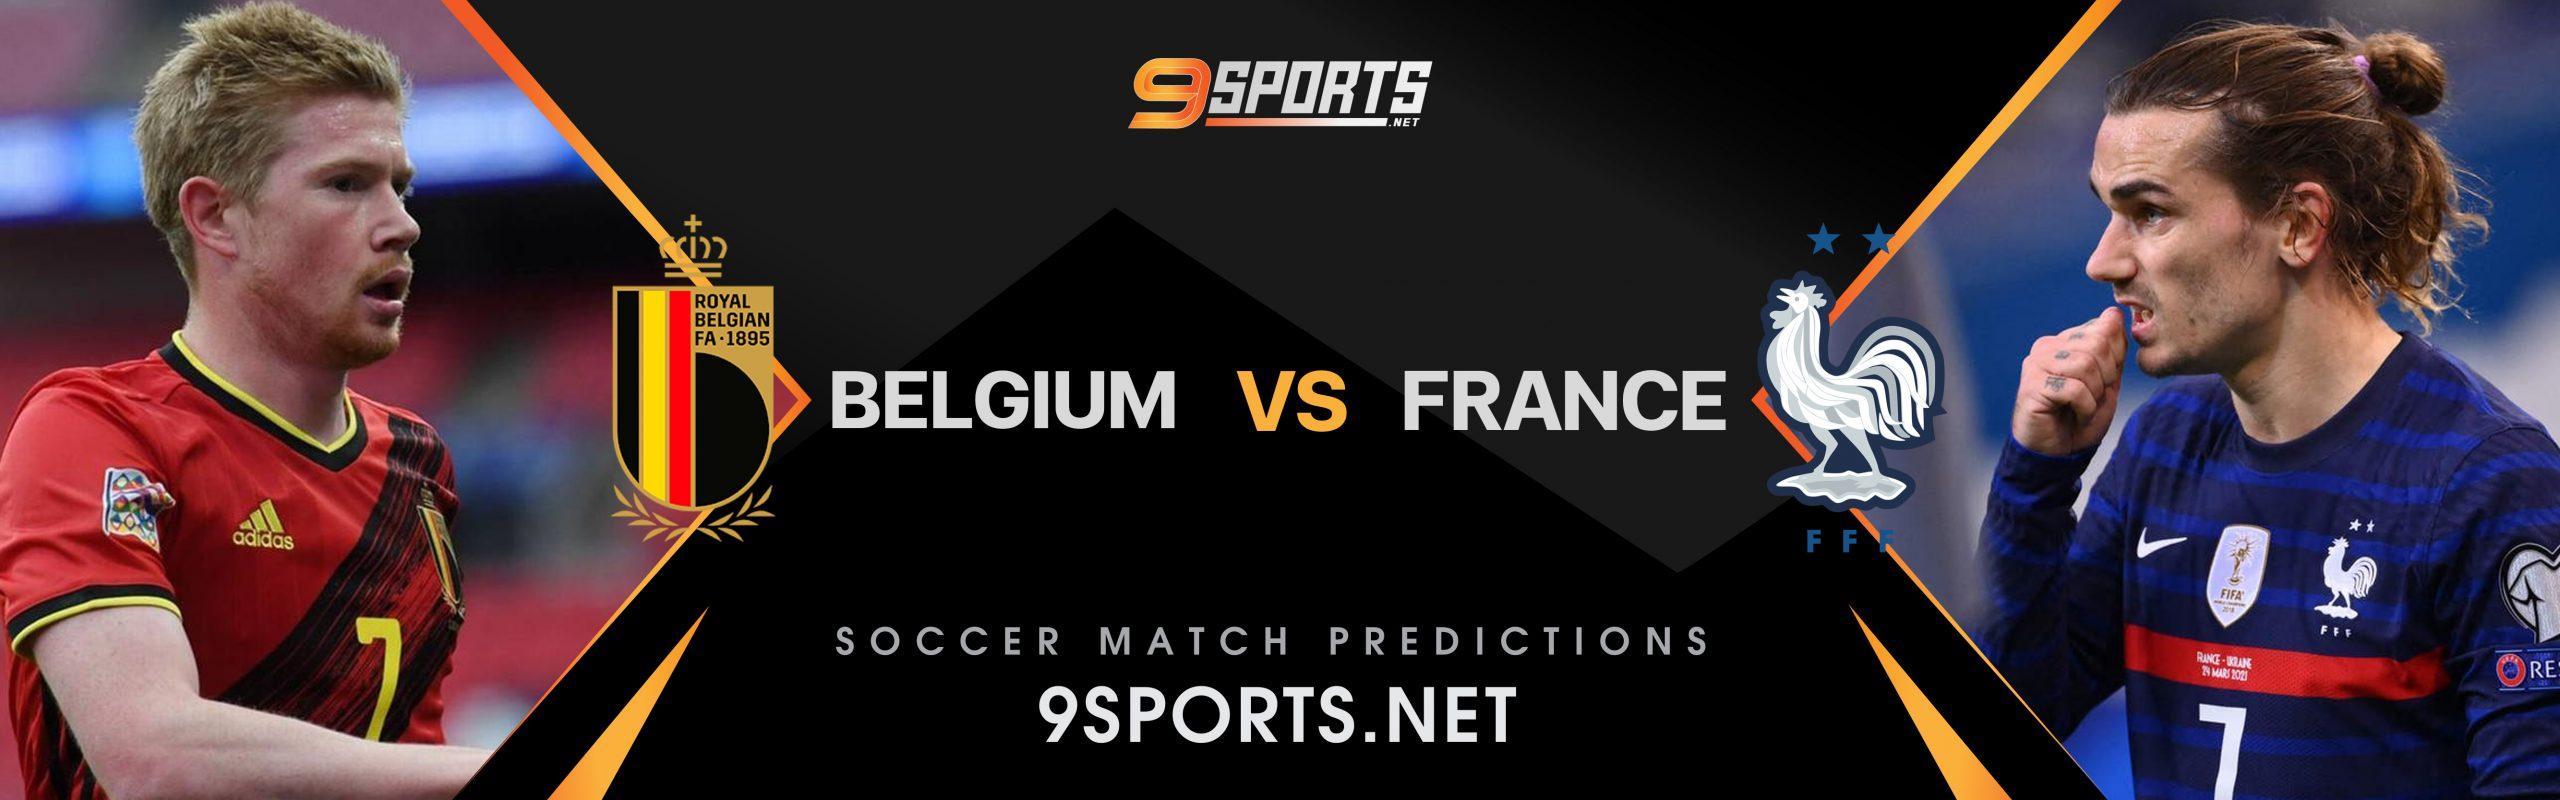 ทีเด็ดวิเคราะห์บอล 9Sports UEFA Nations League เบลเยี่ยม VS ฝรั่งเศส